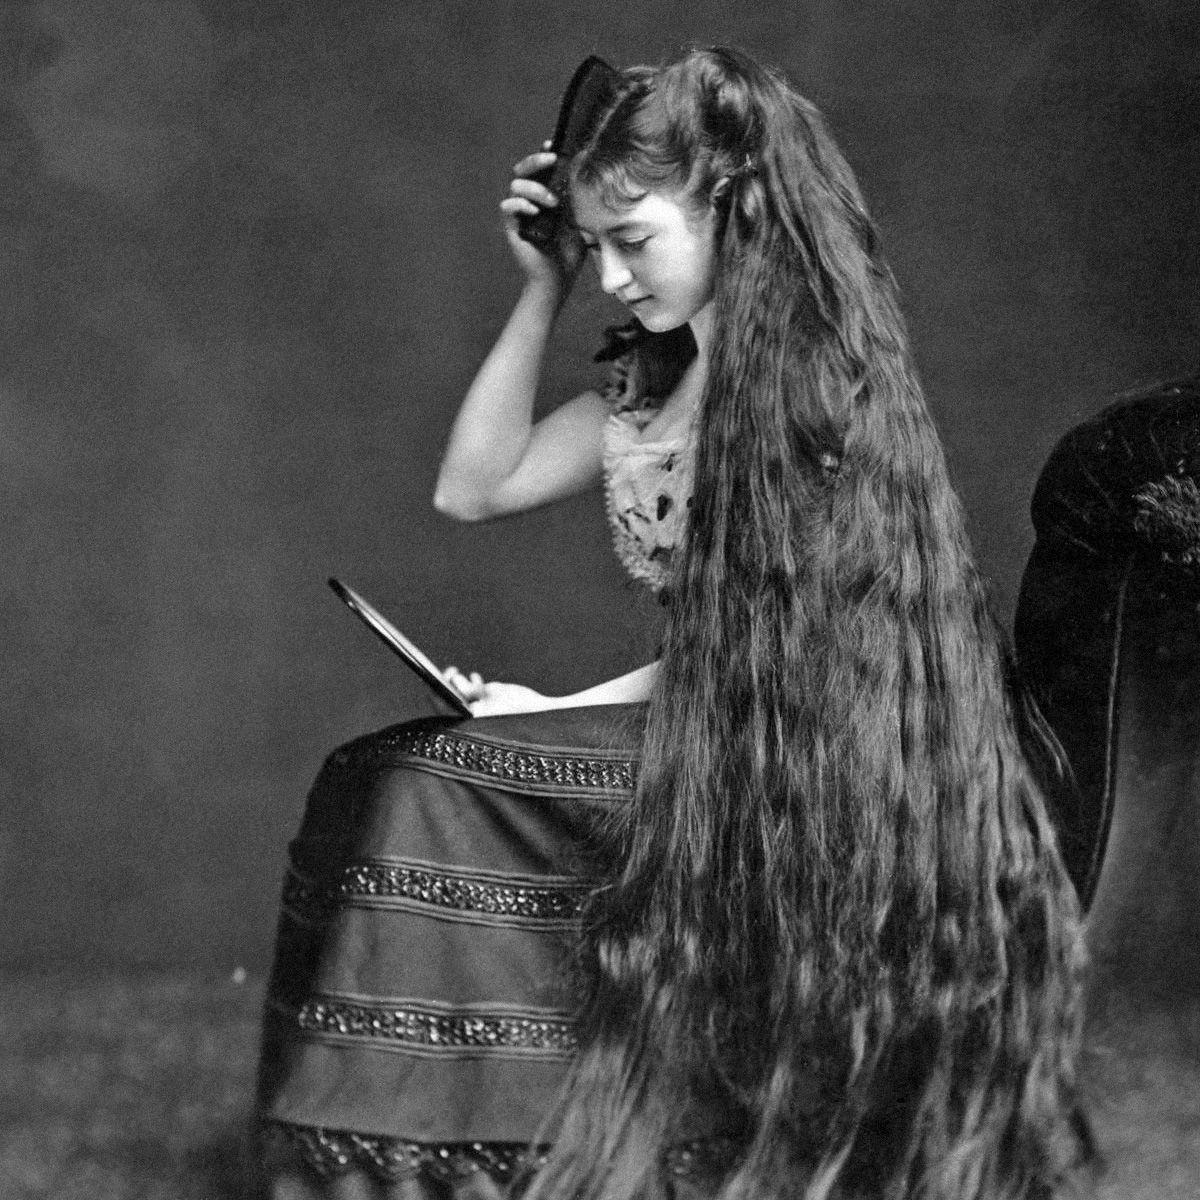 Retronaut On Vintage Lange Haare Viktorianische Frisuren Und Vintage Portrat